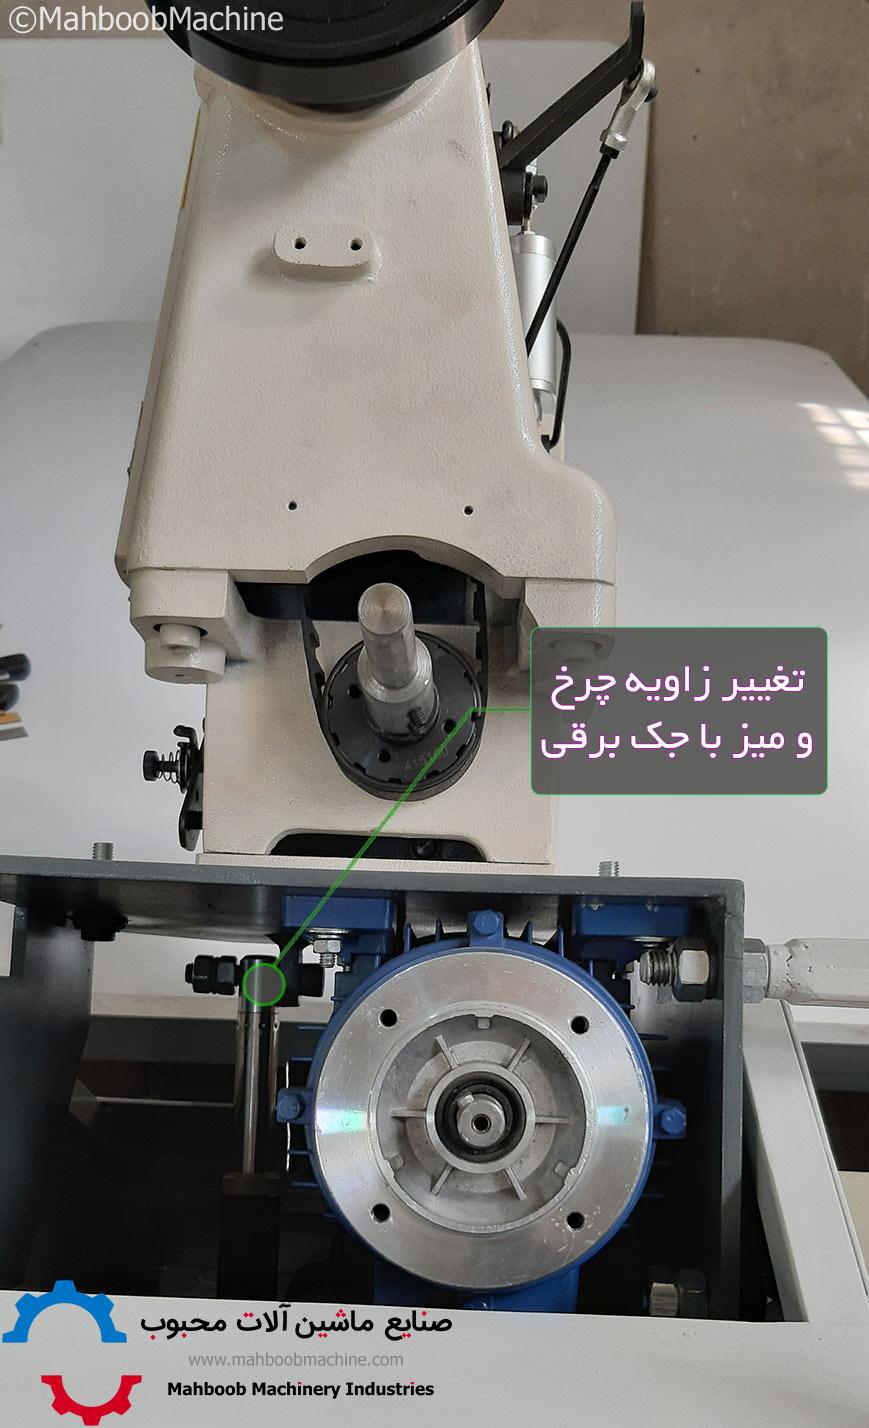 تغییر زاویه چرخ به کمک مکانیزم جک برقی